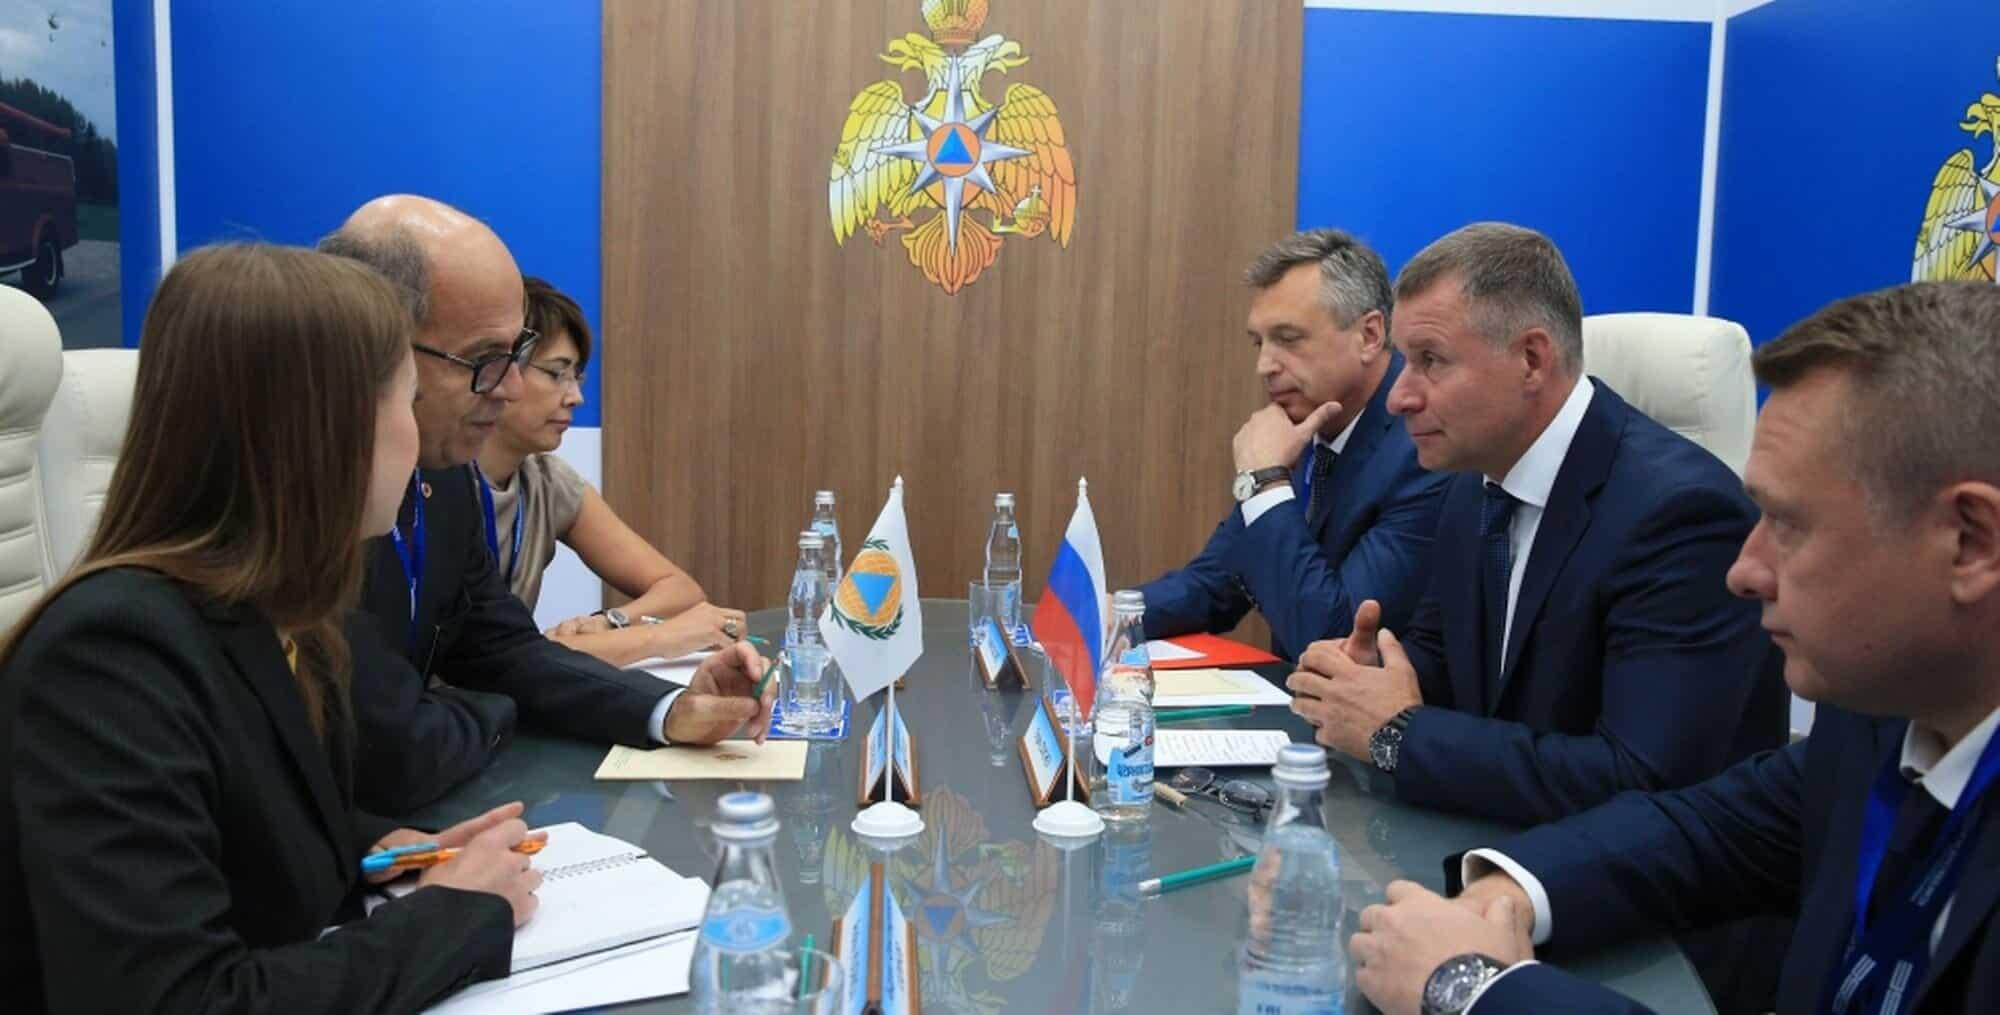 Fraîchement élu, Belkacem Elketroussi a été appelé à Moscou et a rencontré le ministre Zinichev, mais aussi des responsables de la sécurité et des relations internationales d'EMERCOM. Deux hommes que la presse russe identifie aussi comme des transfuges du FSB